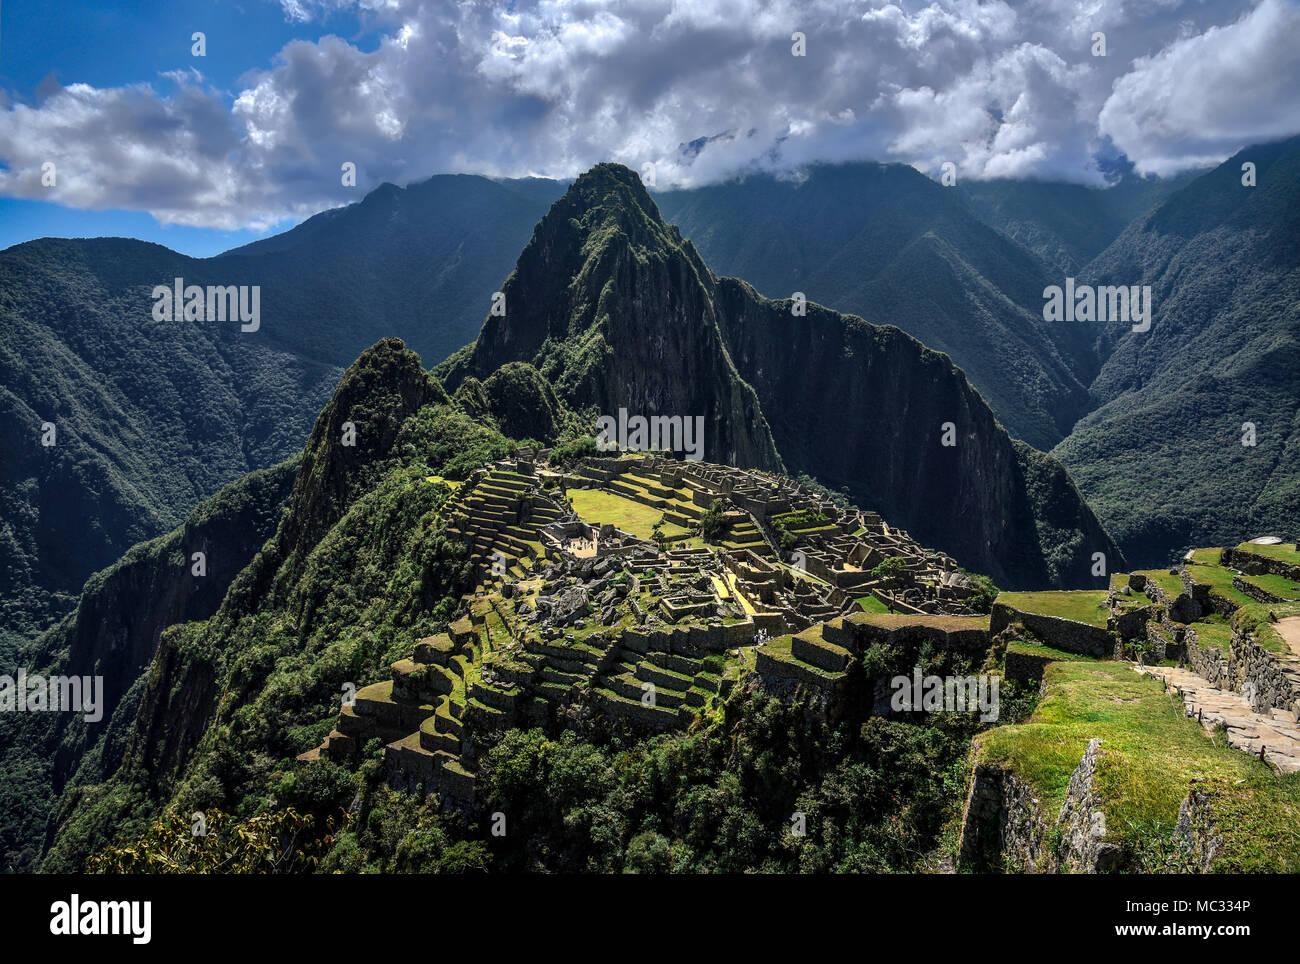 Le Machu Picchu au Pérou - voir sur un pic de montagne Photo Stock